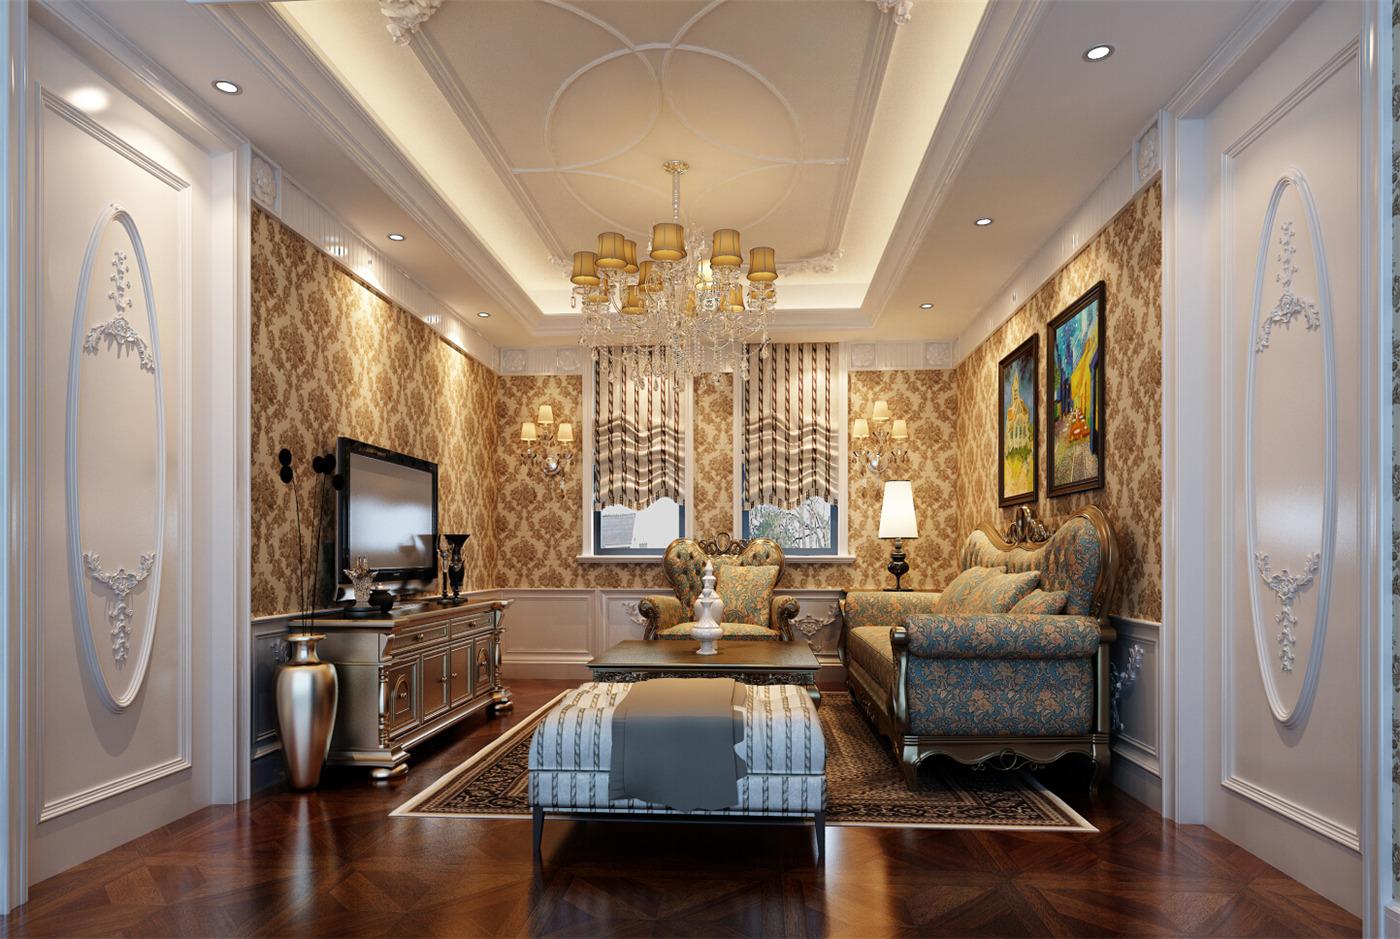 保利叶城 别墅装修 别墅设计 欧式风格 腾龙设计 卧室图片来自腾龙设计在保利叶城239号别墅装修设计案例的分享